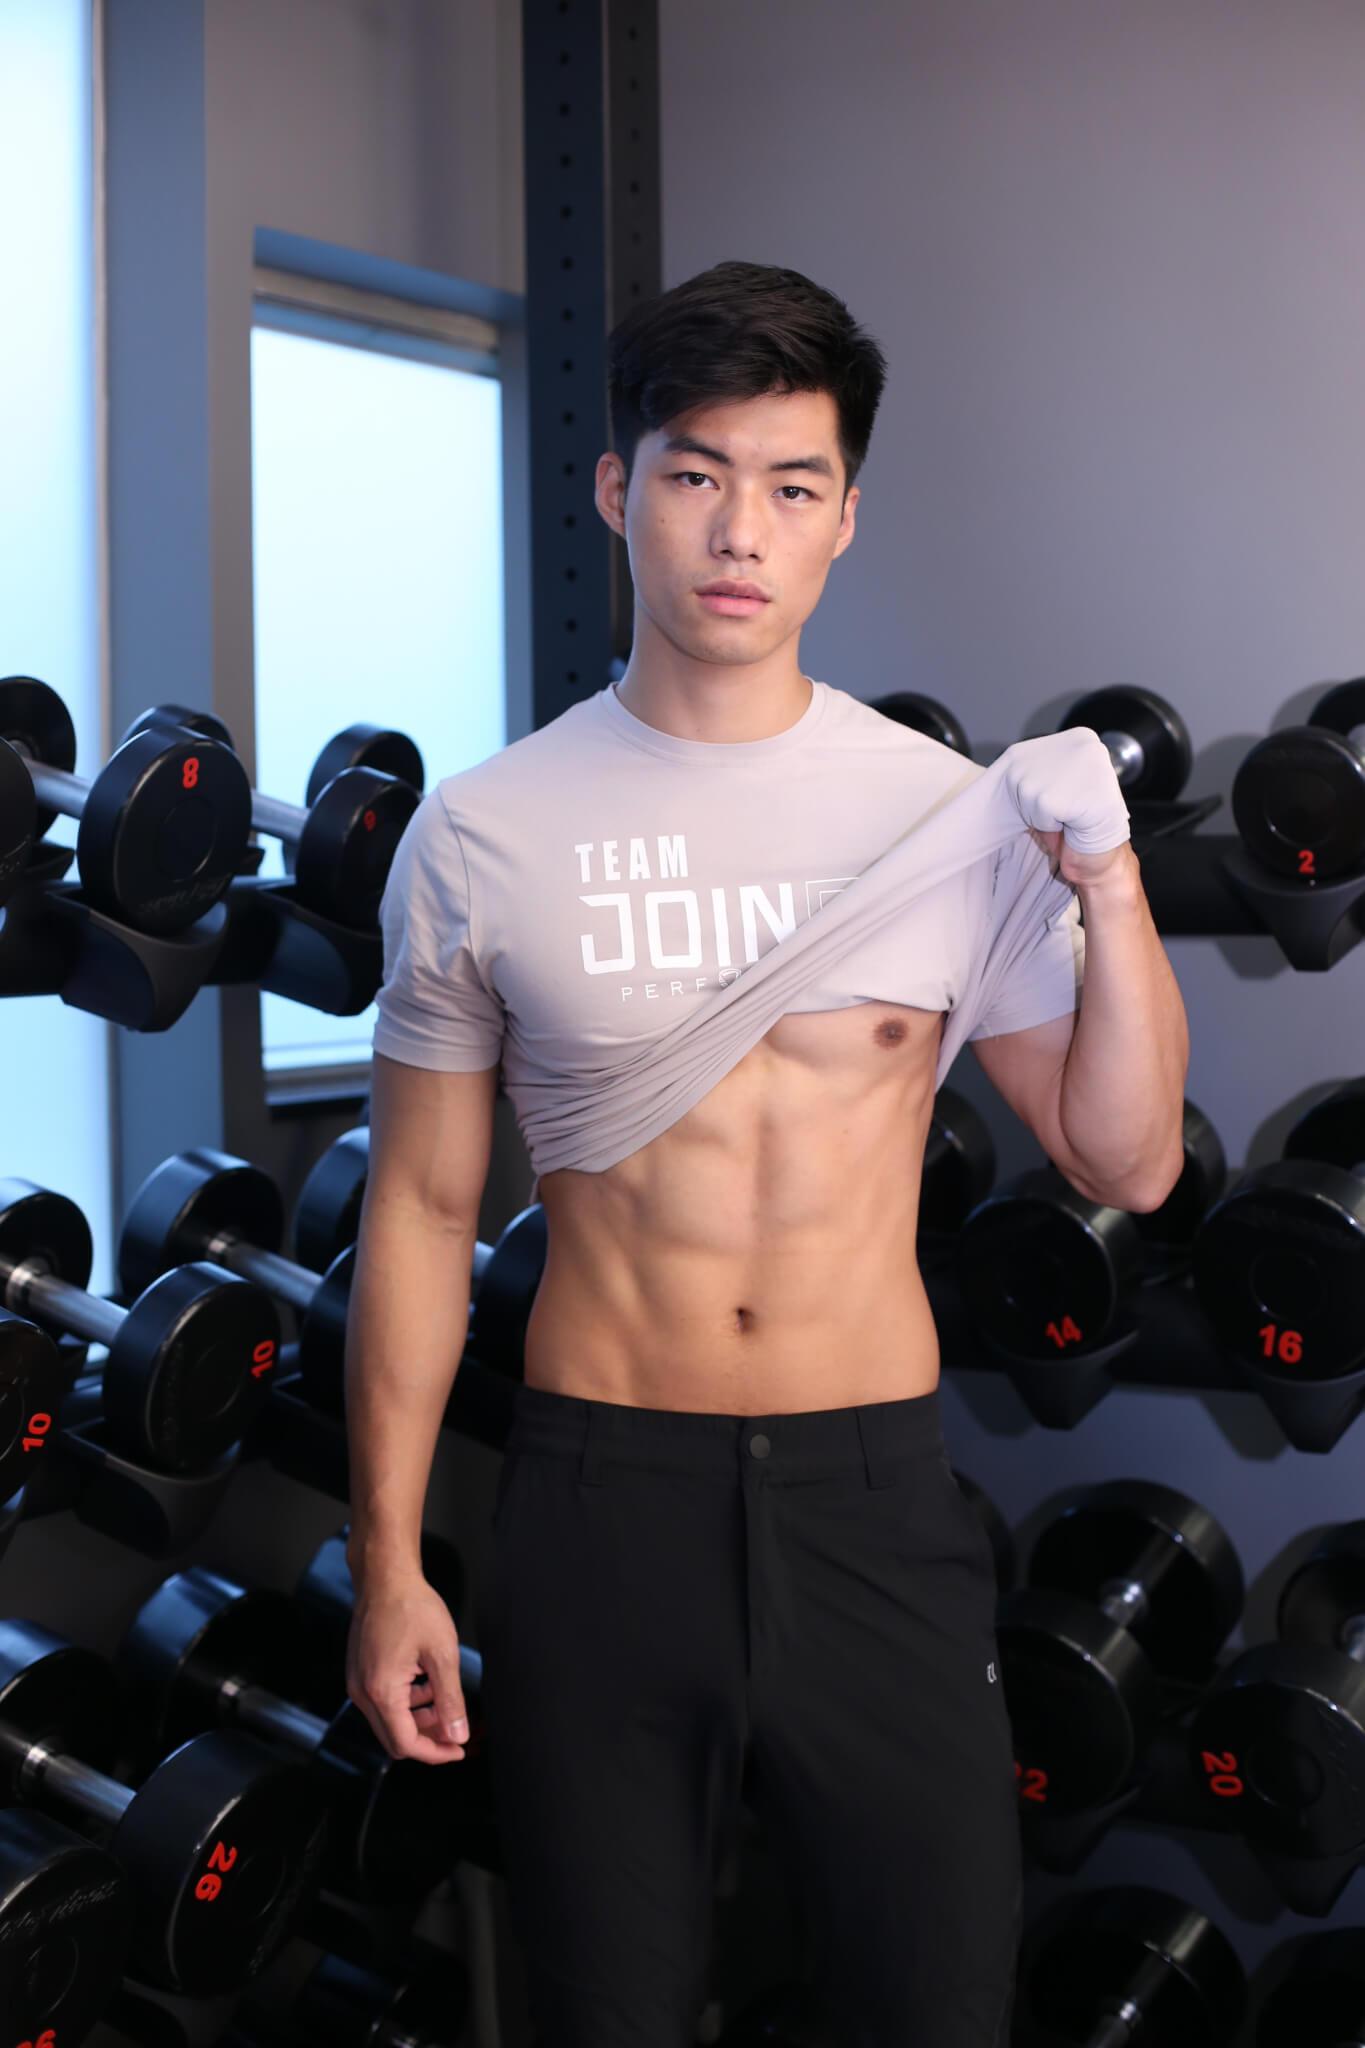 由健身教練轉型模特兒,他表示花了不少功夫。